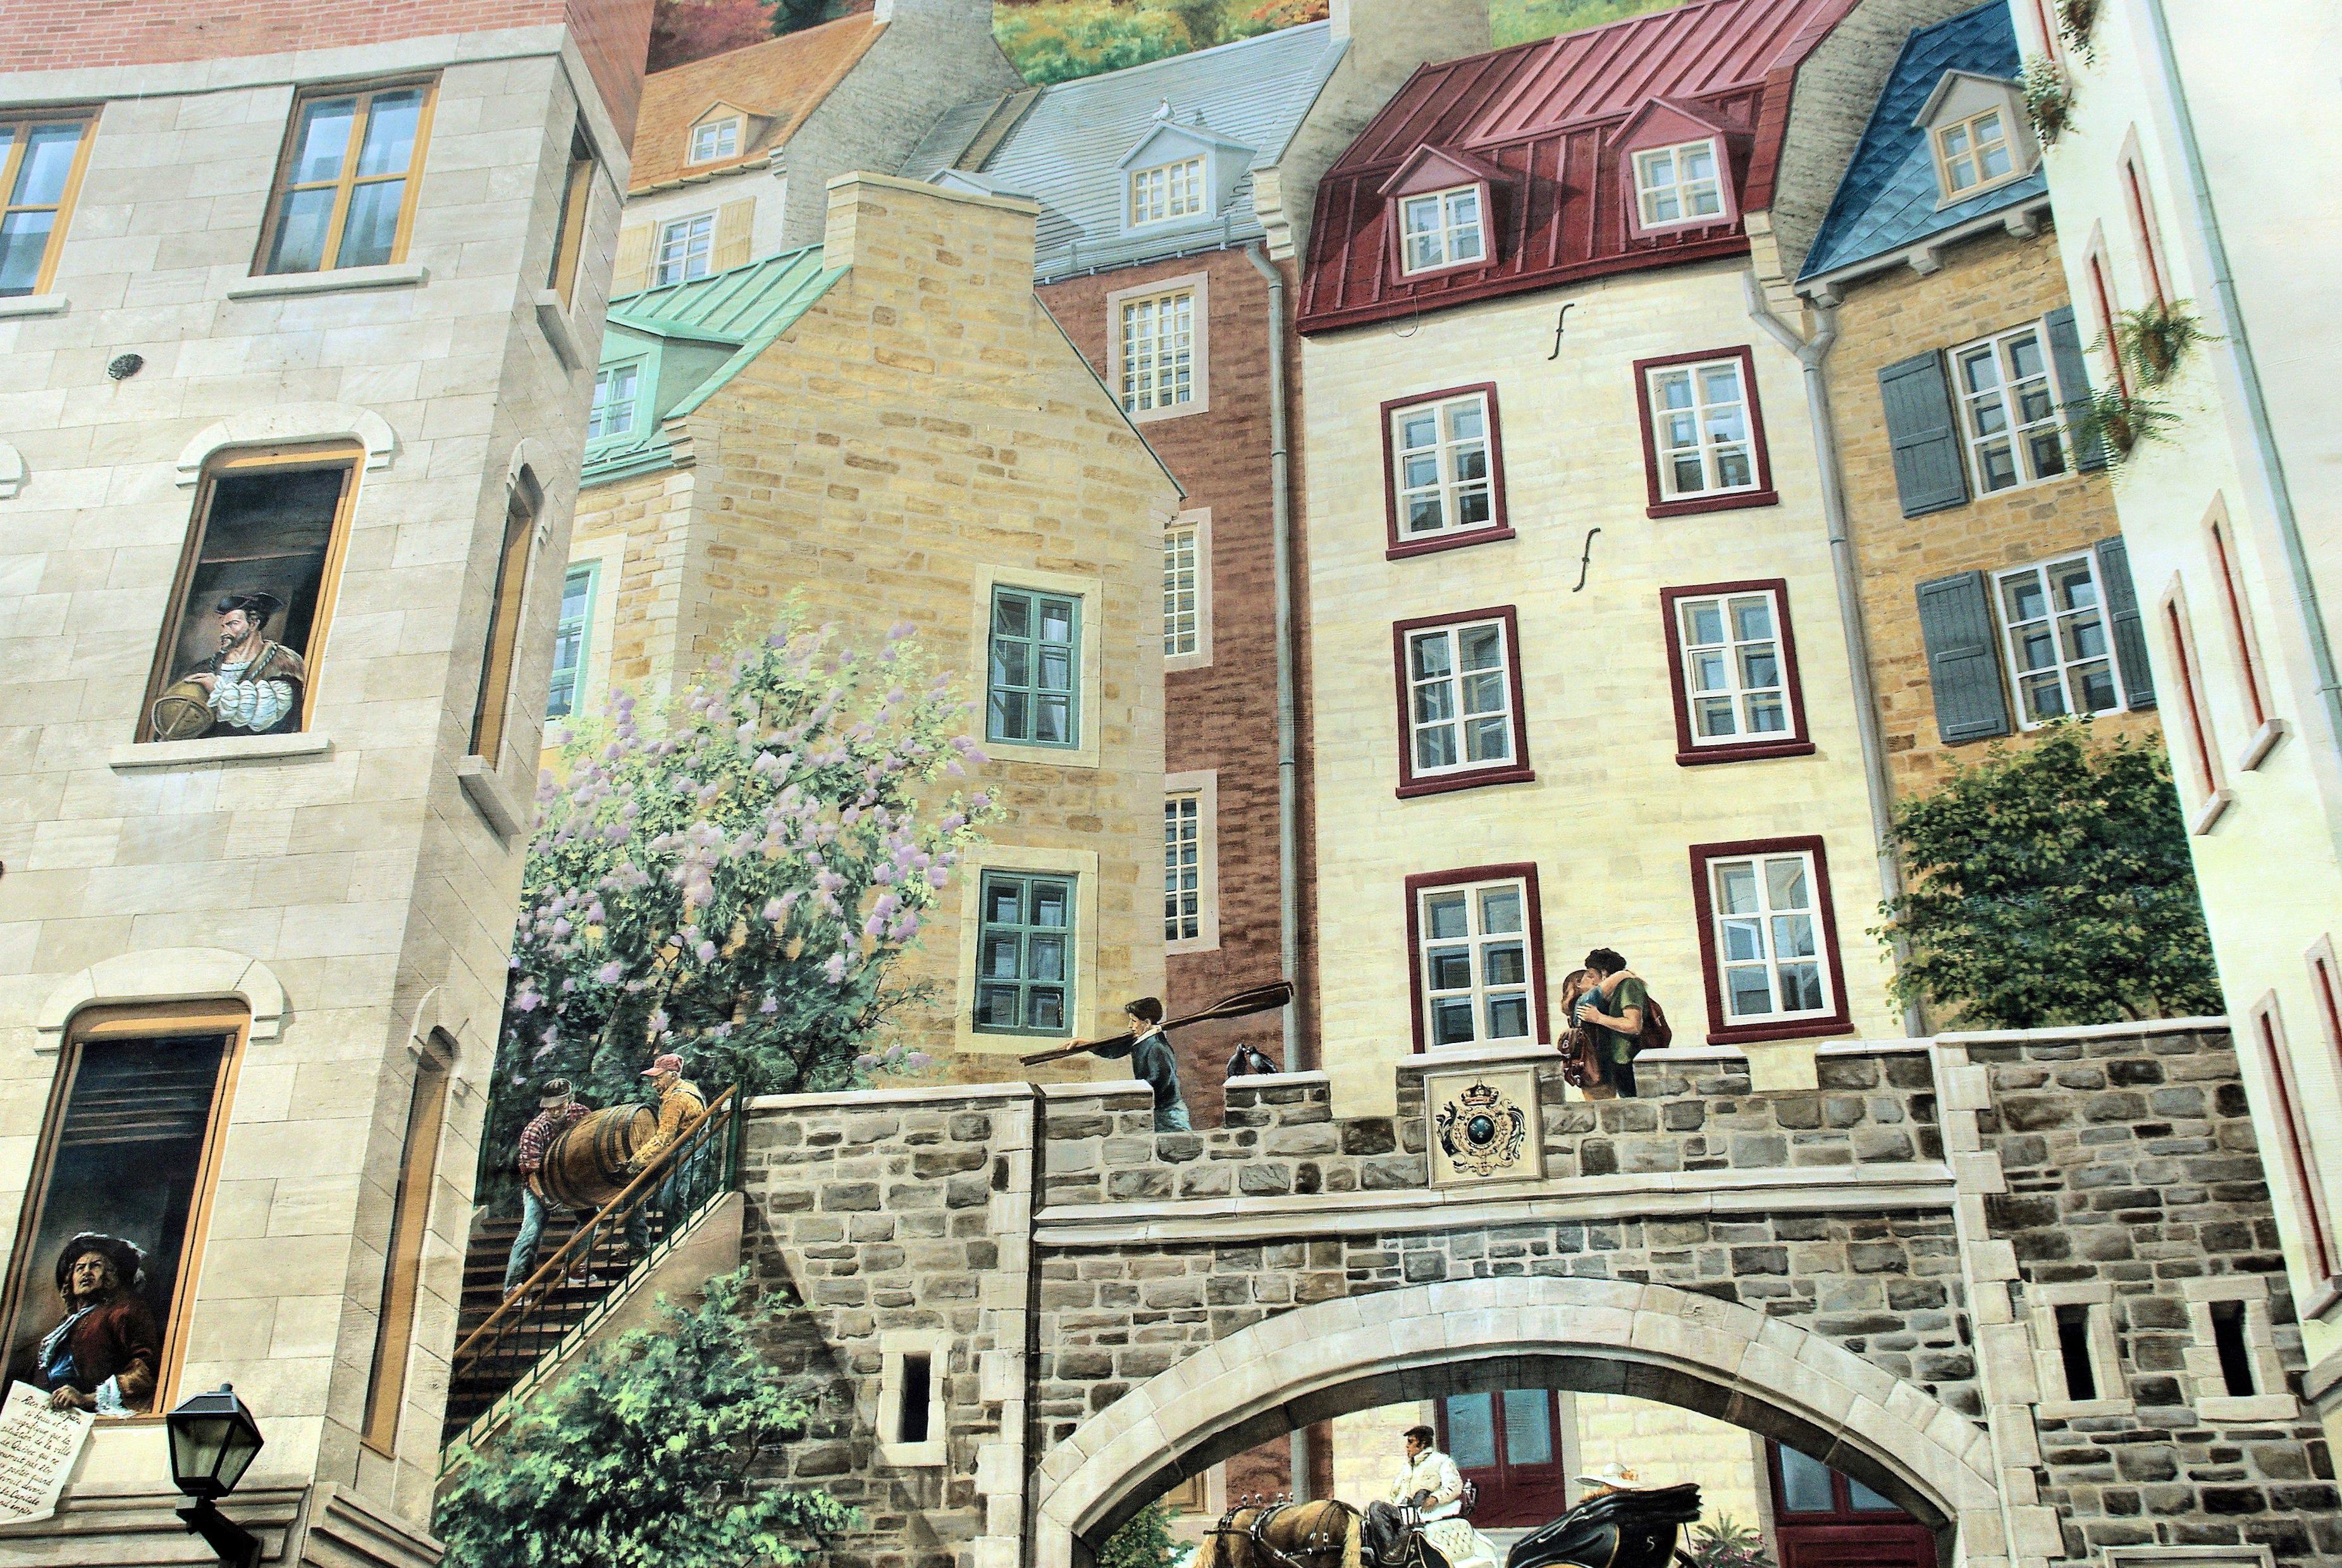 Gratis afbeeldingen architectuur straat huis stad for Decoratie woning